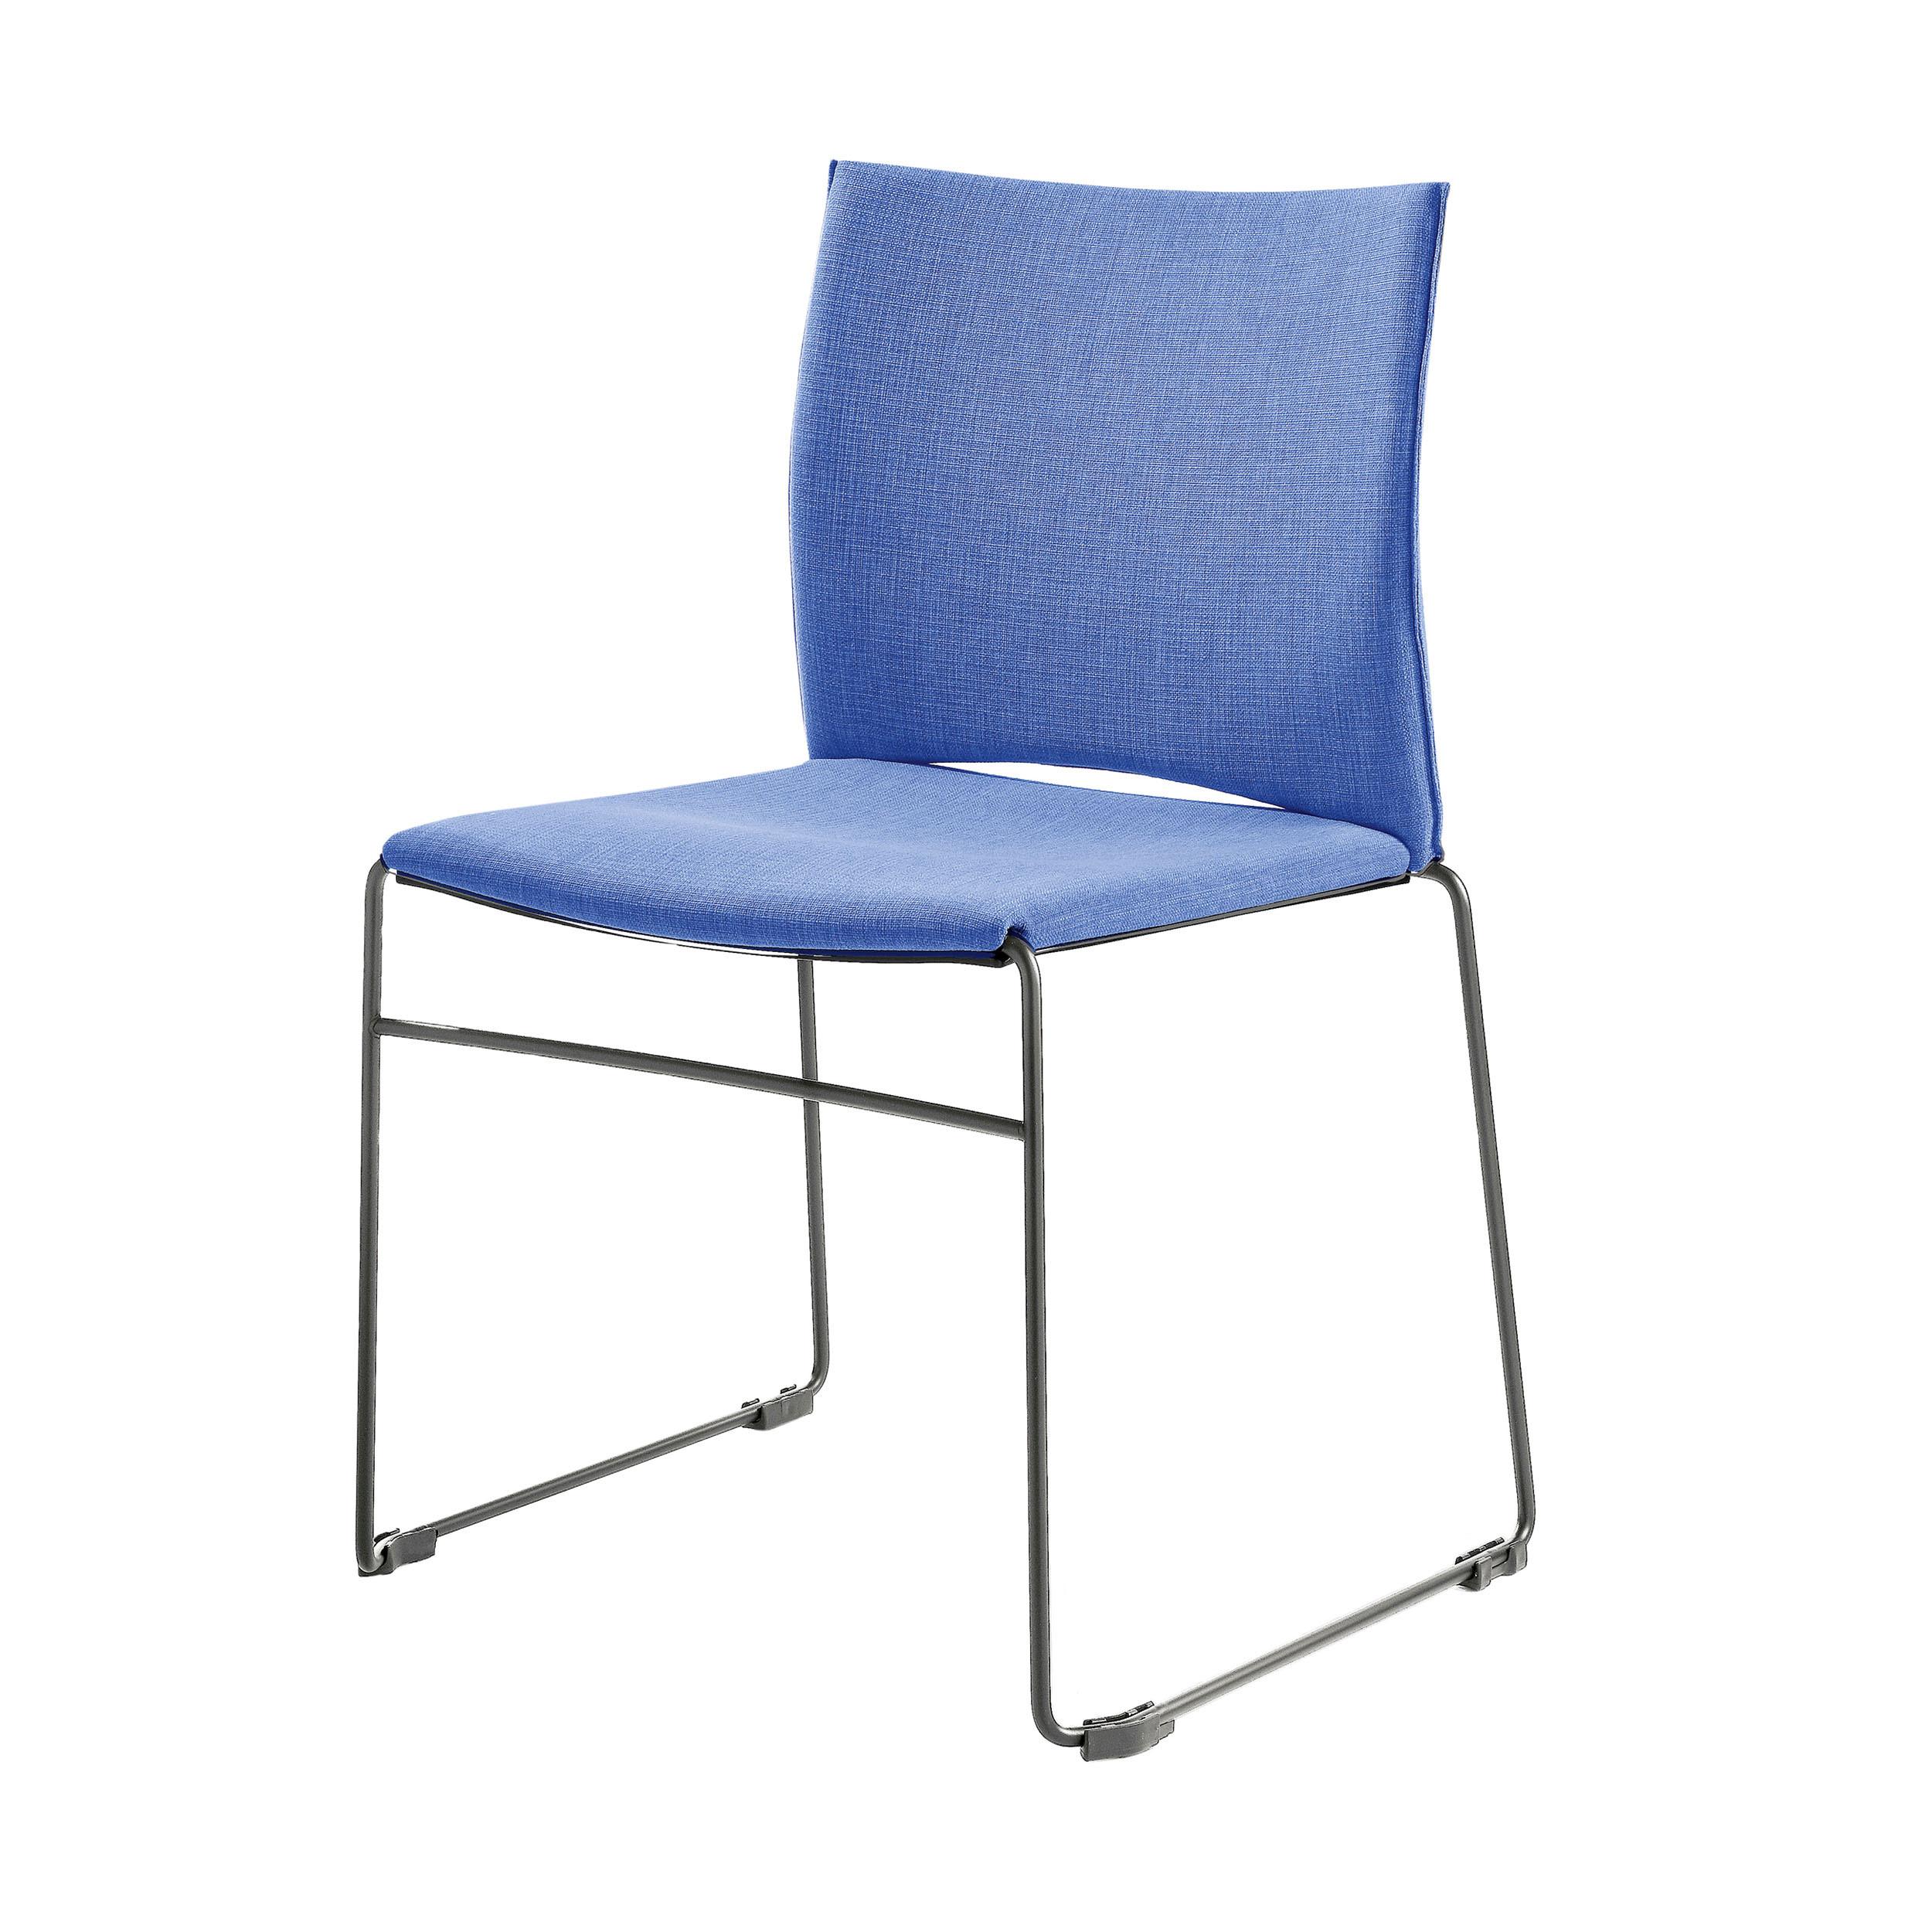 web stuhl blau chrom online kaufen bei woonio. Black Bedroom Furniture Sets. Home Design Ideas